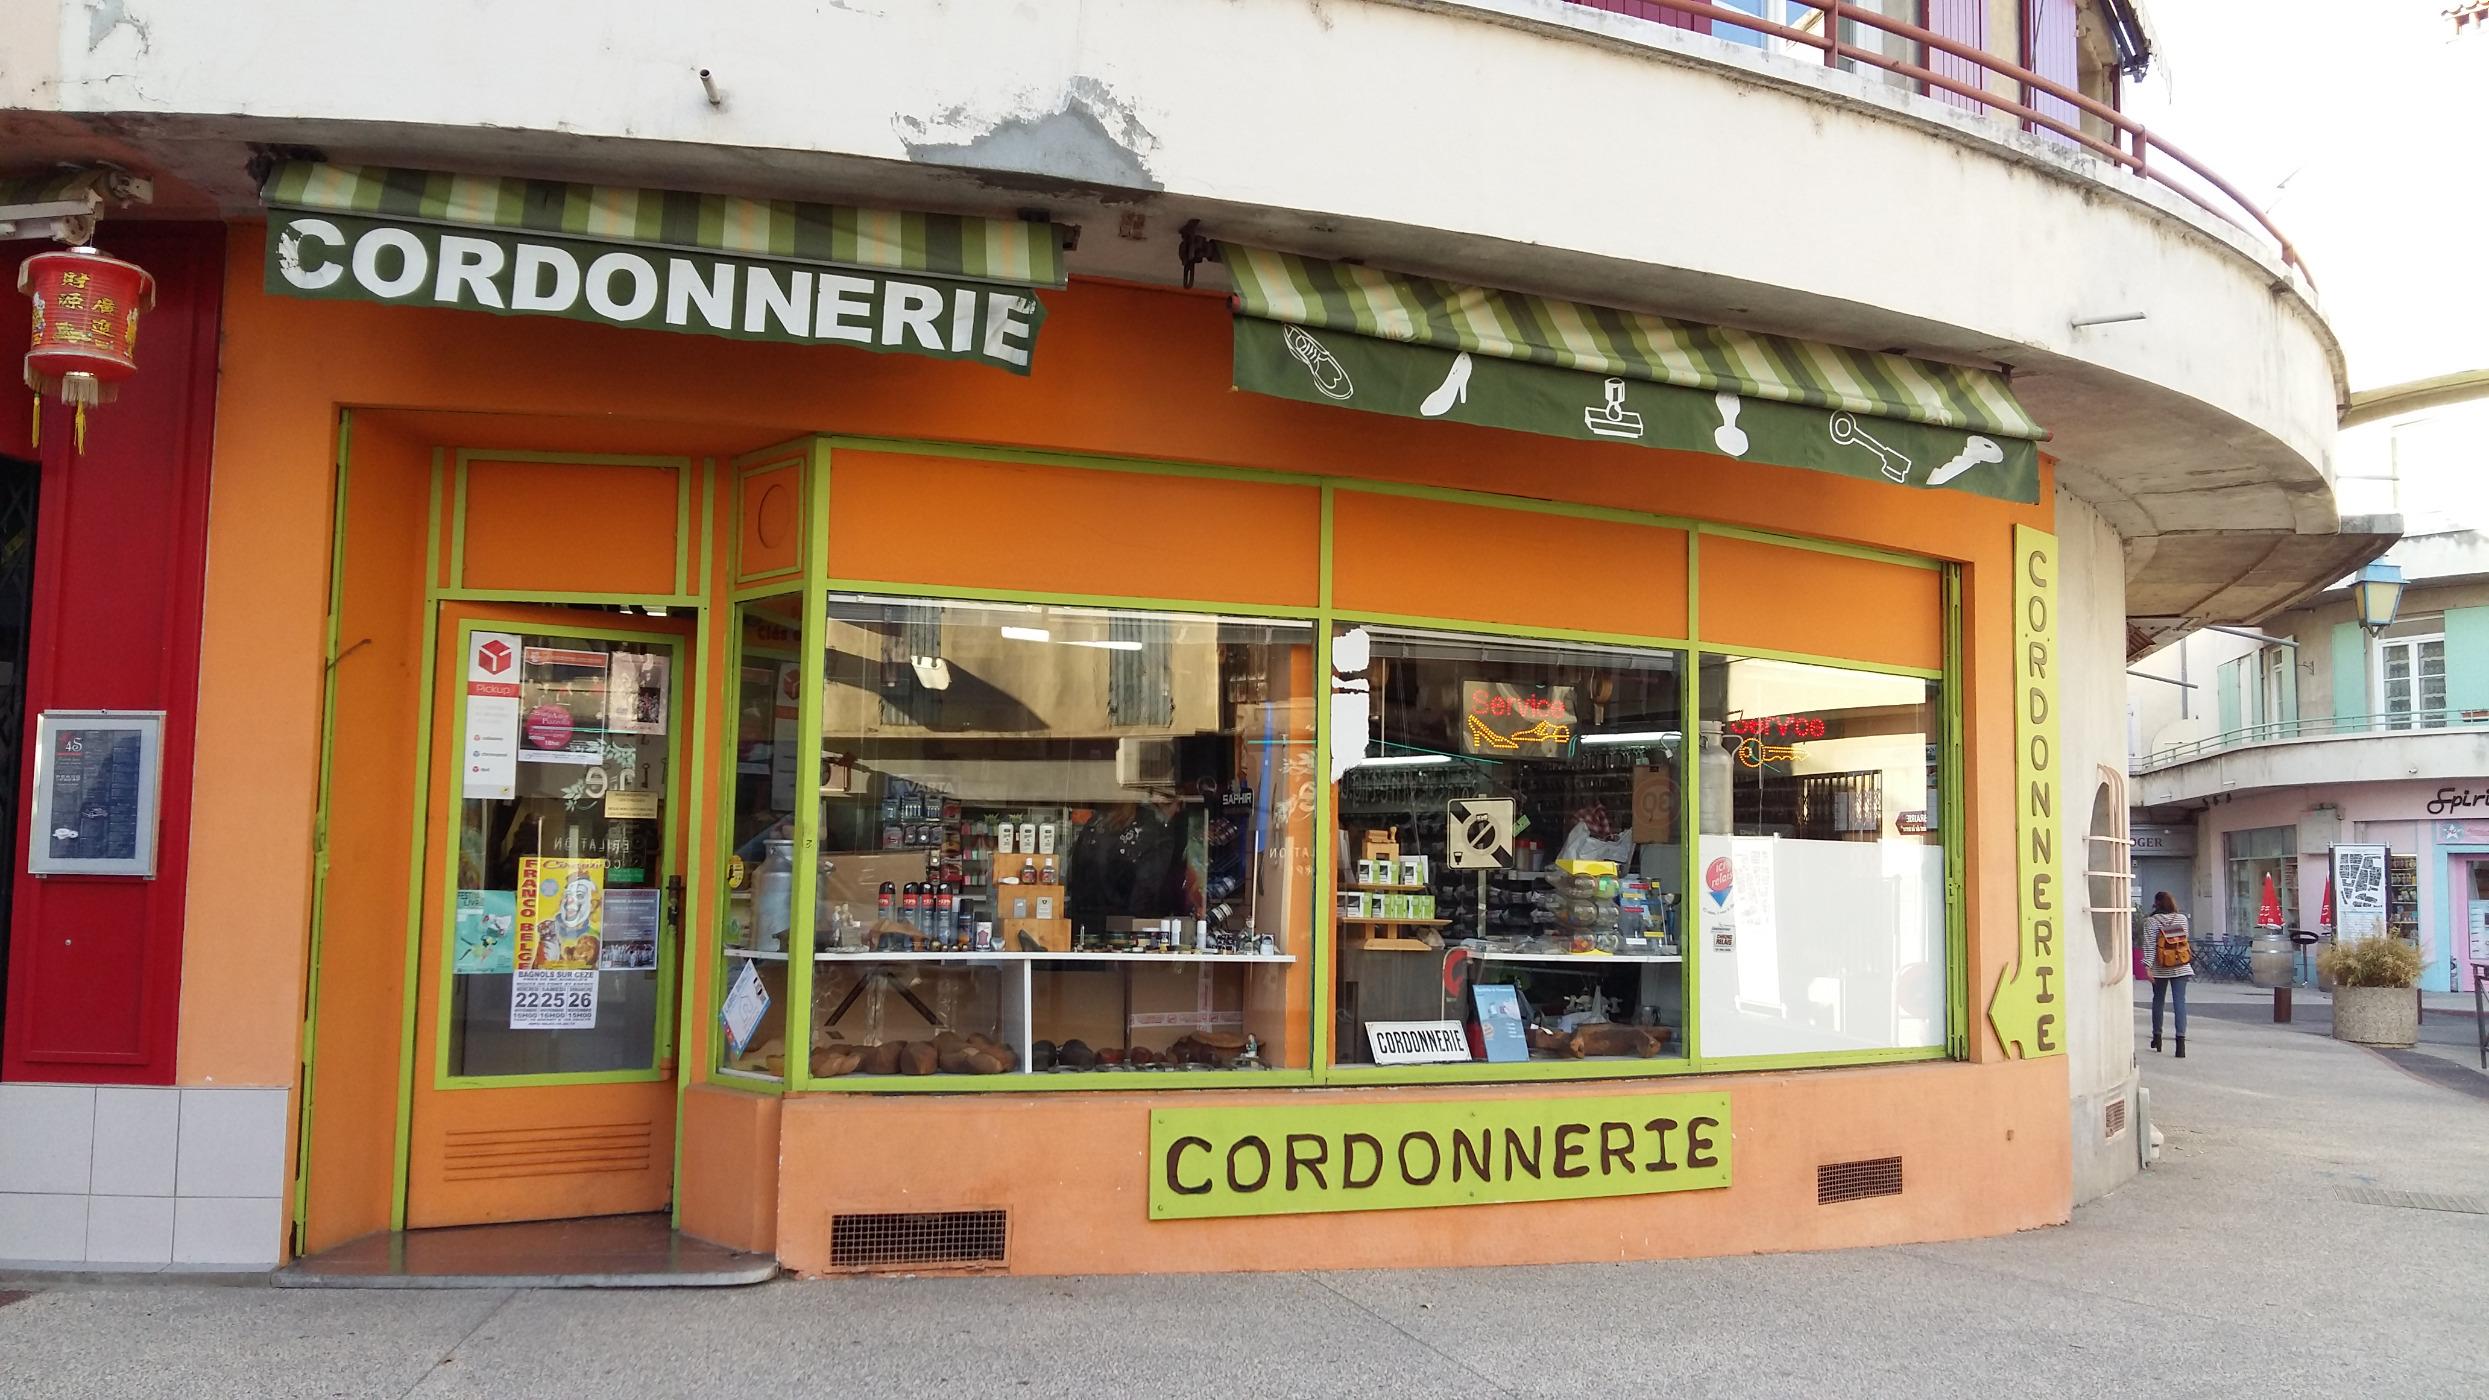 Vente fond de commerce cordonnerie - Garage pont saint esprit ...